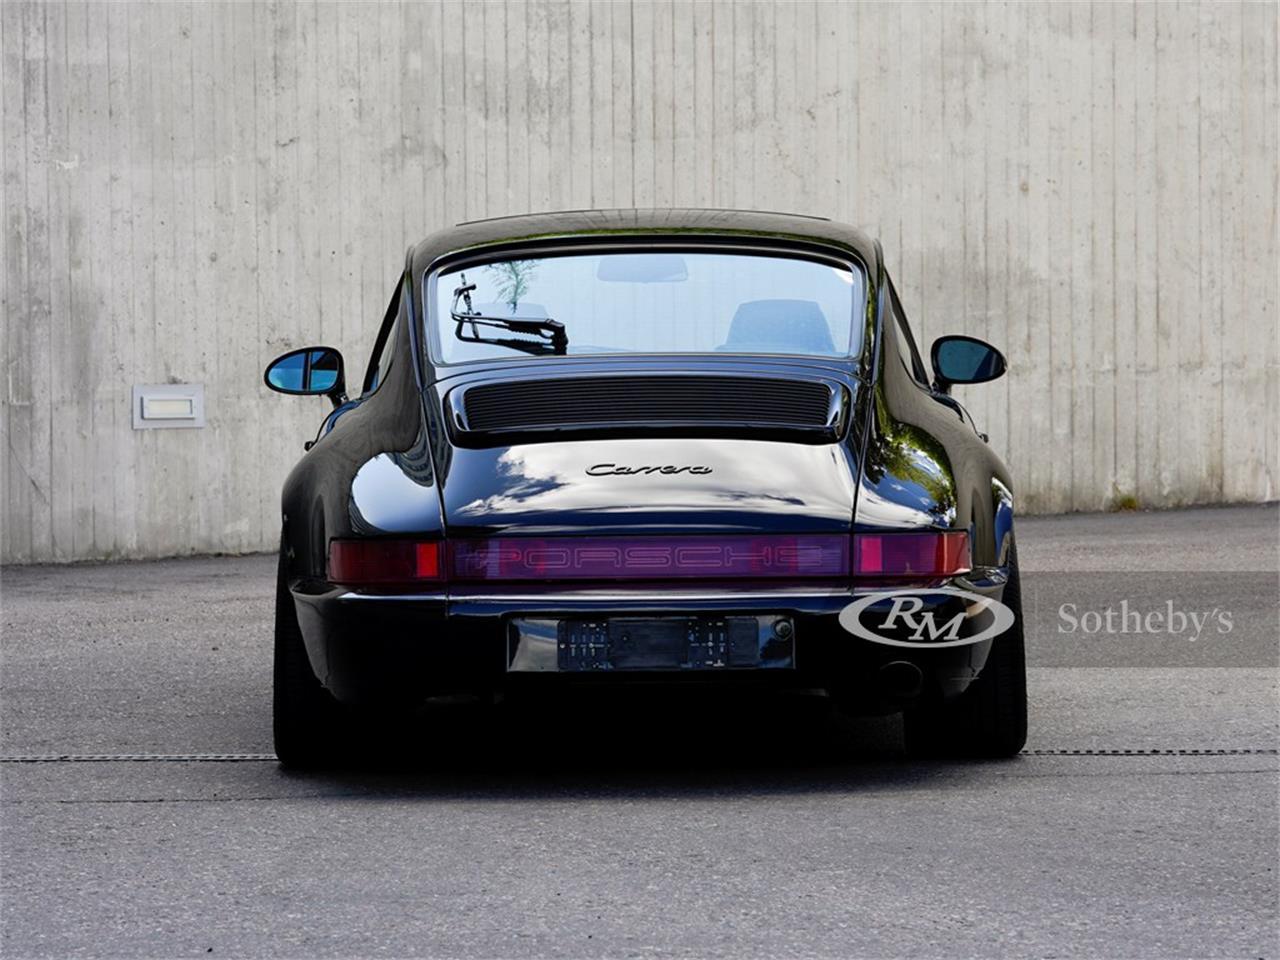 1991 Porsche 911 Carrera 2 (CC-1358447) for sale in London, United Kingdom